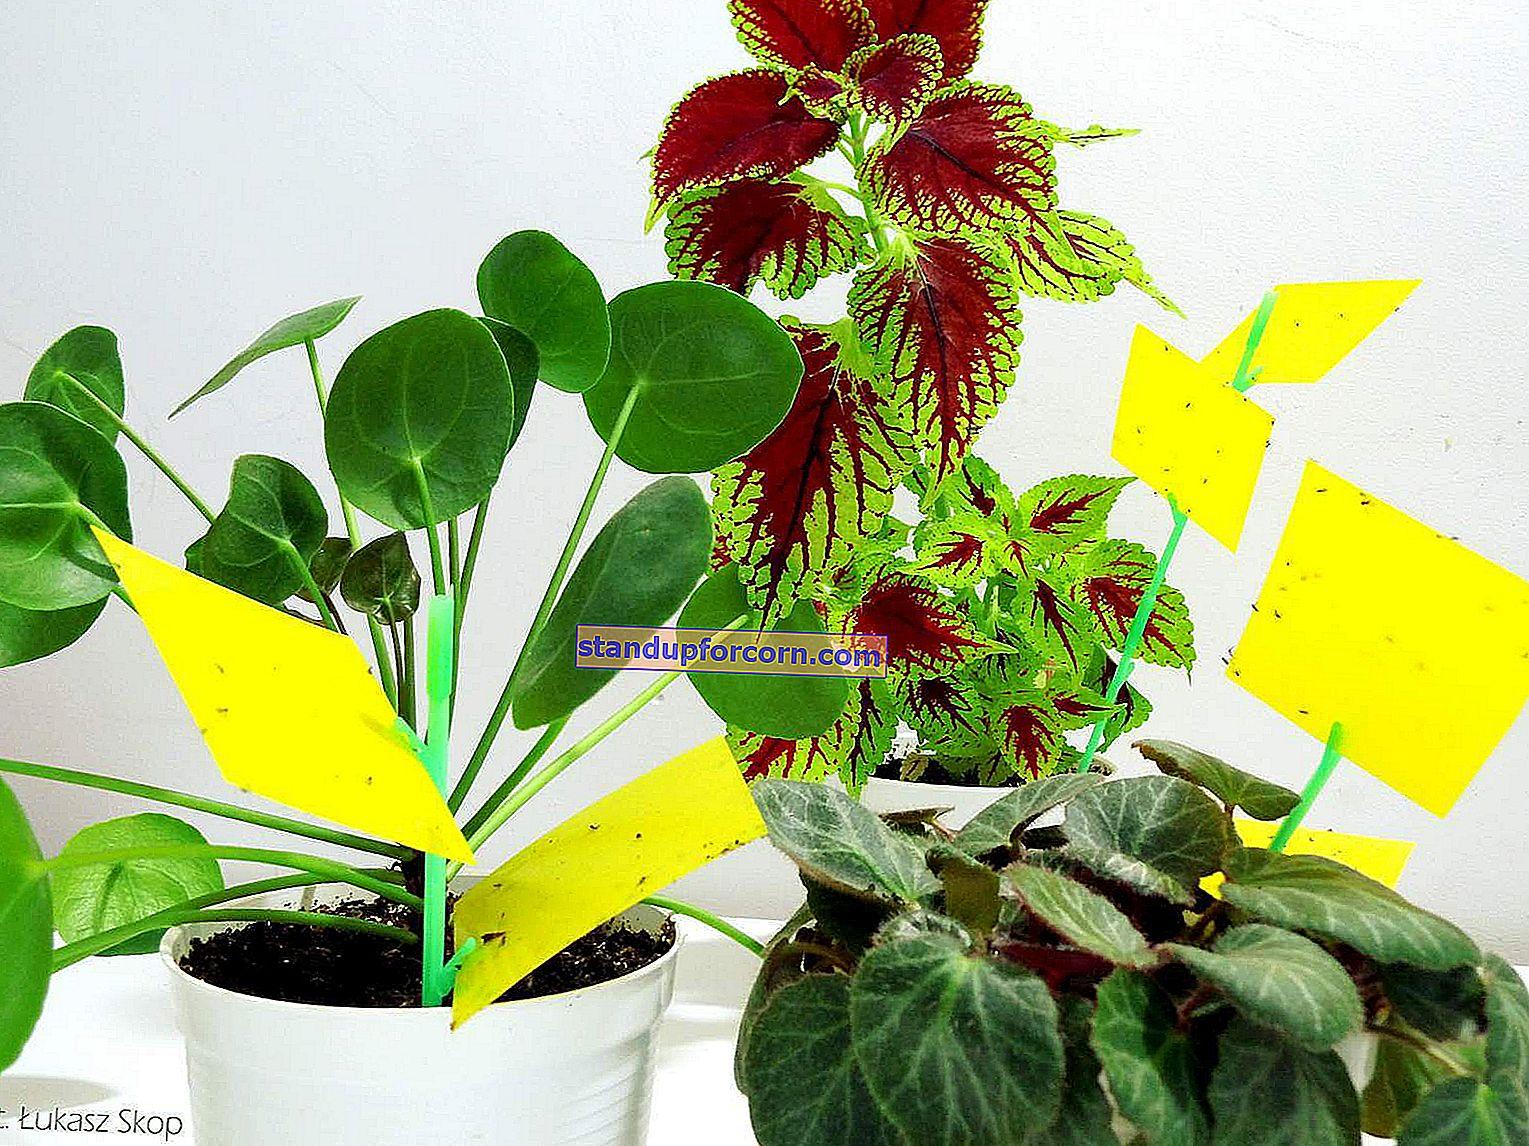 Kartofler i potter med blomster. Hvordan kæmper man økologisk?